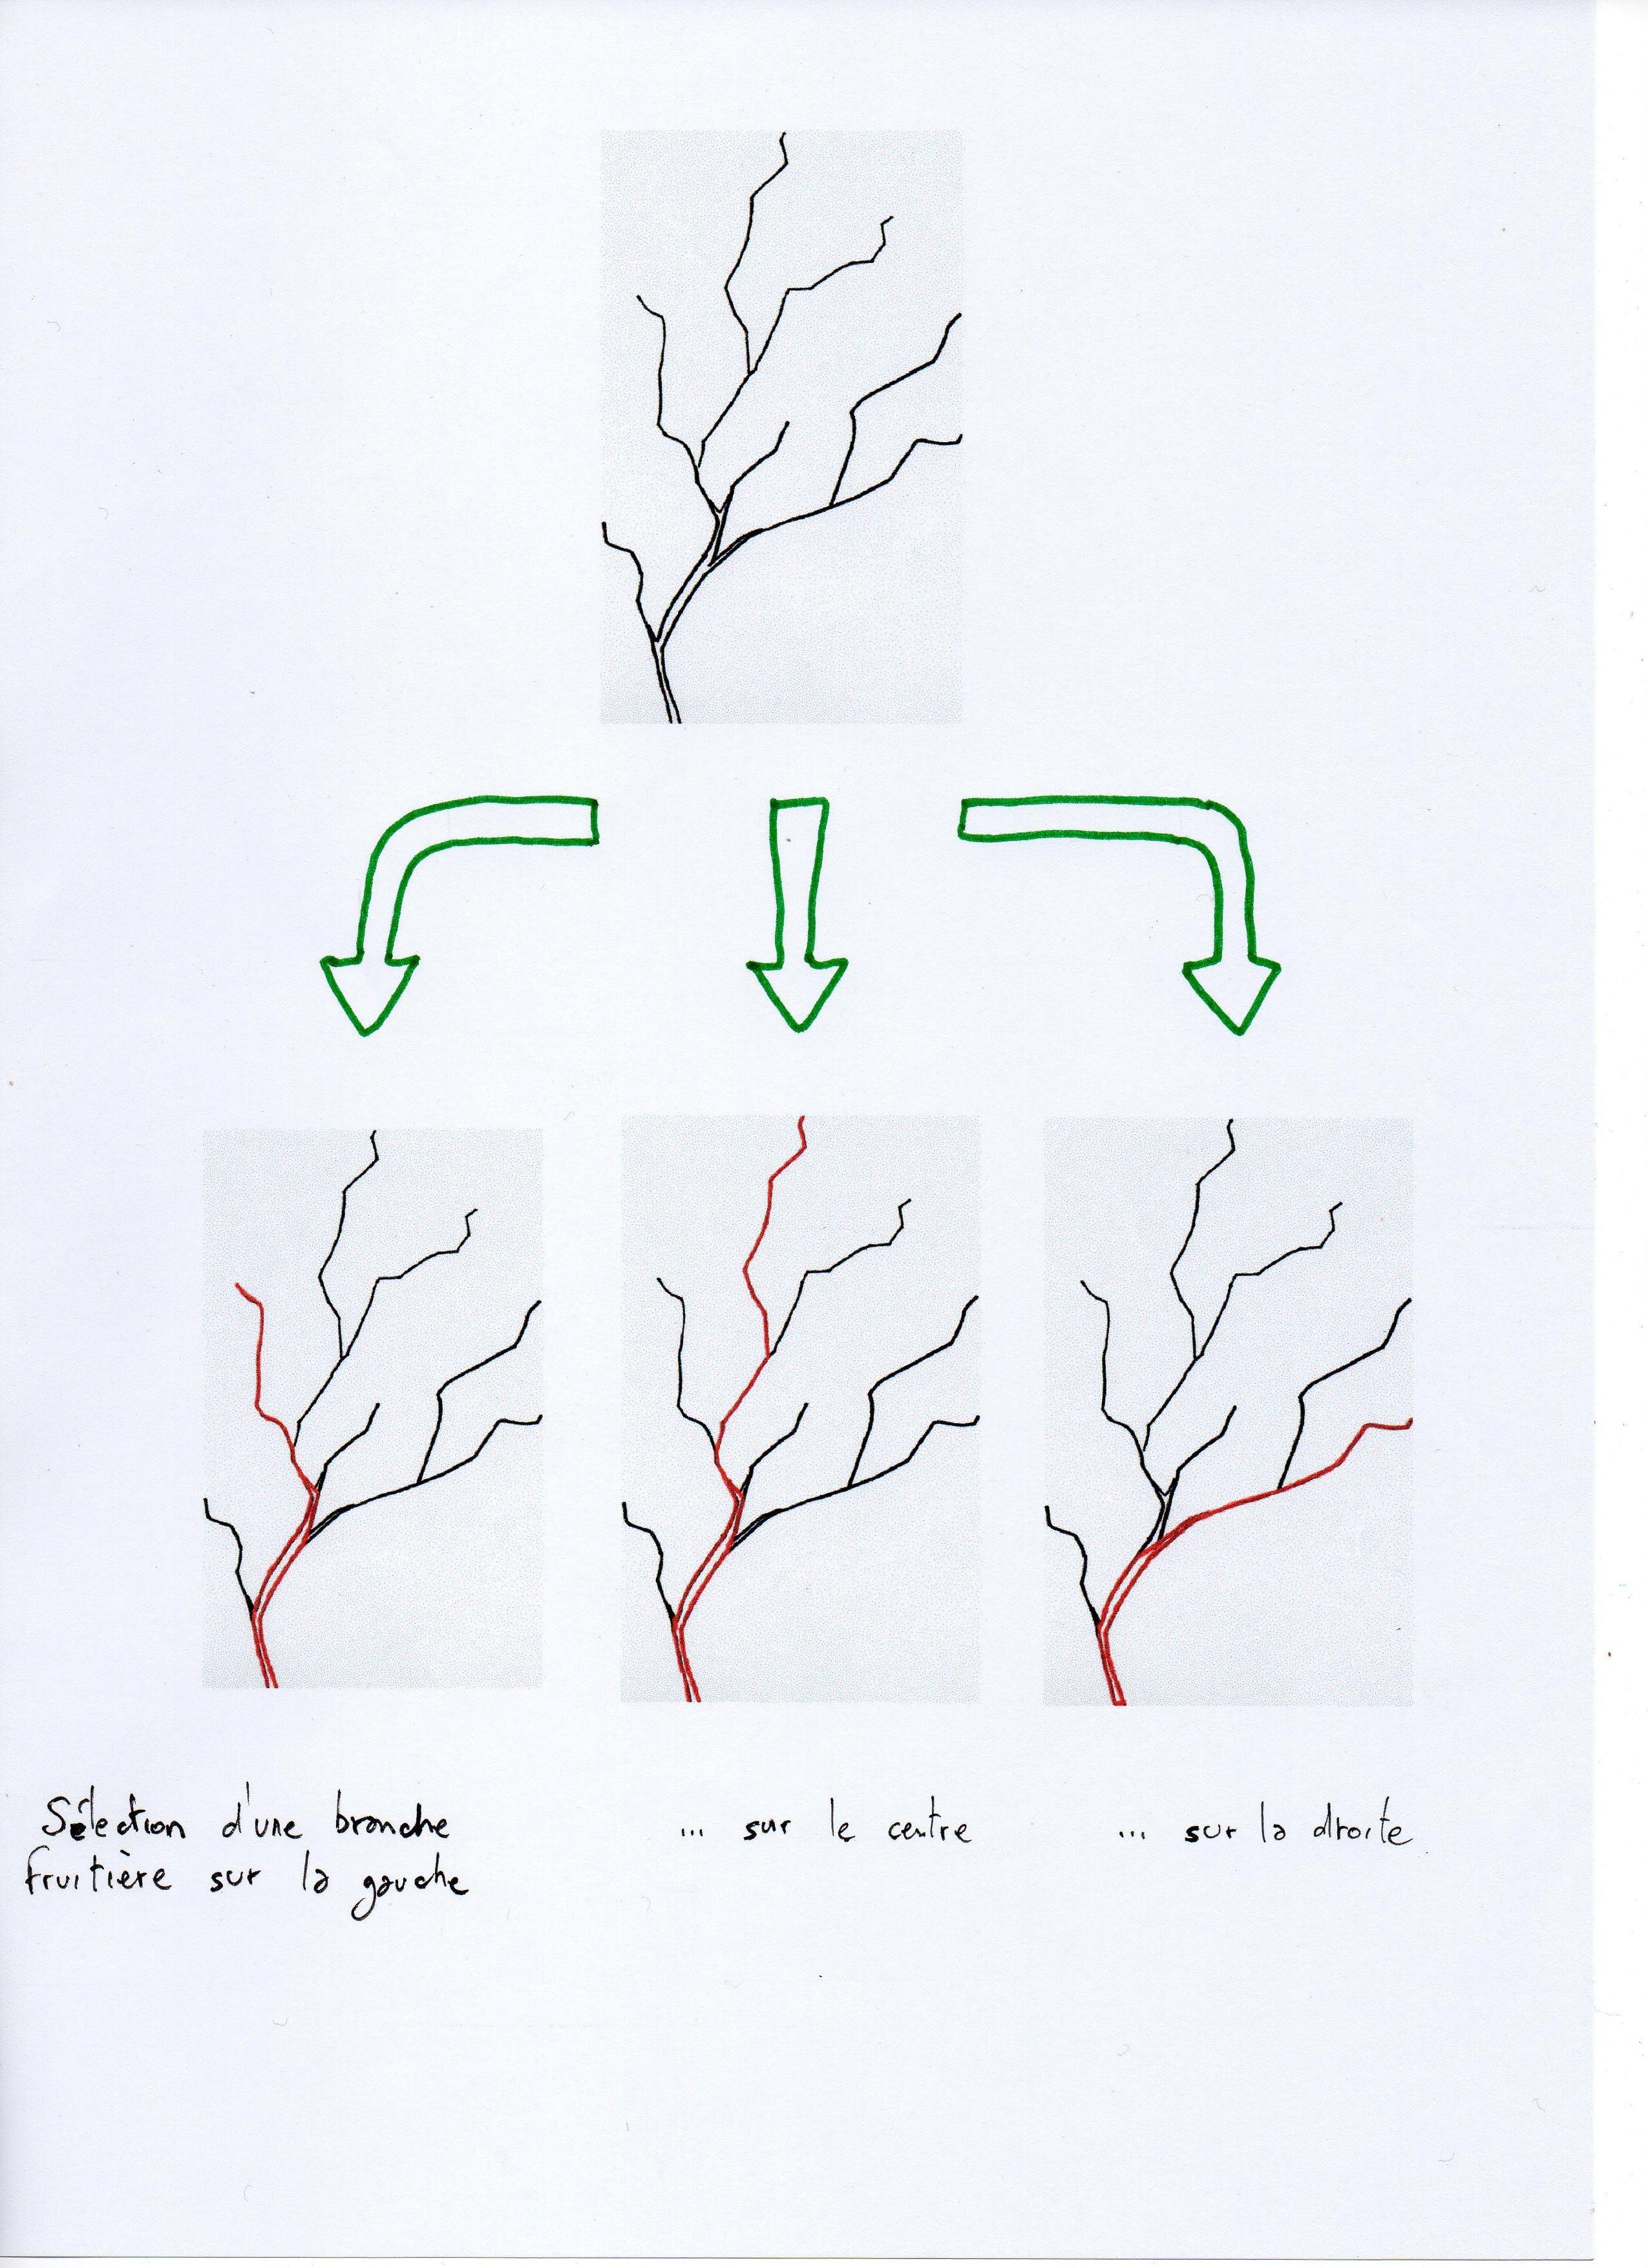 Optimiser la distribution spatiale des branche fruitière